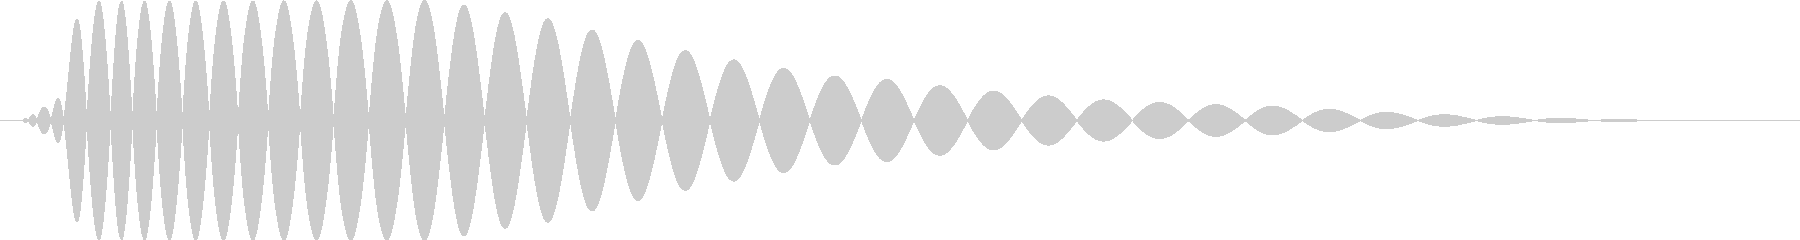 ドンッ【衝突・壁・行き止まり】の未再生の波形